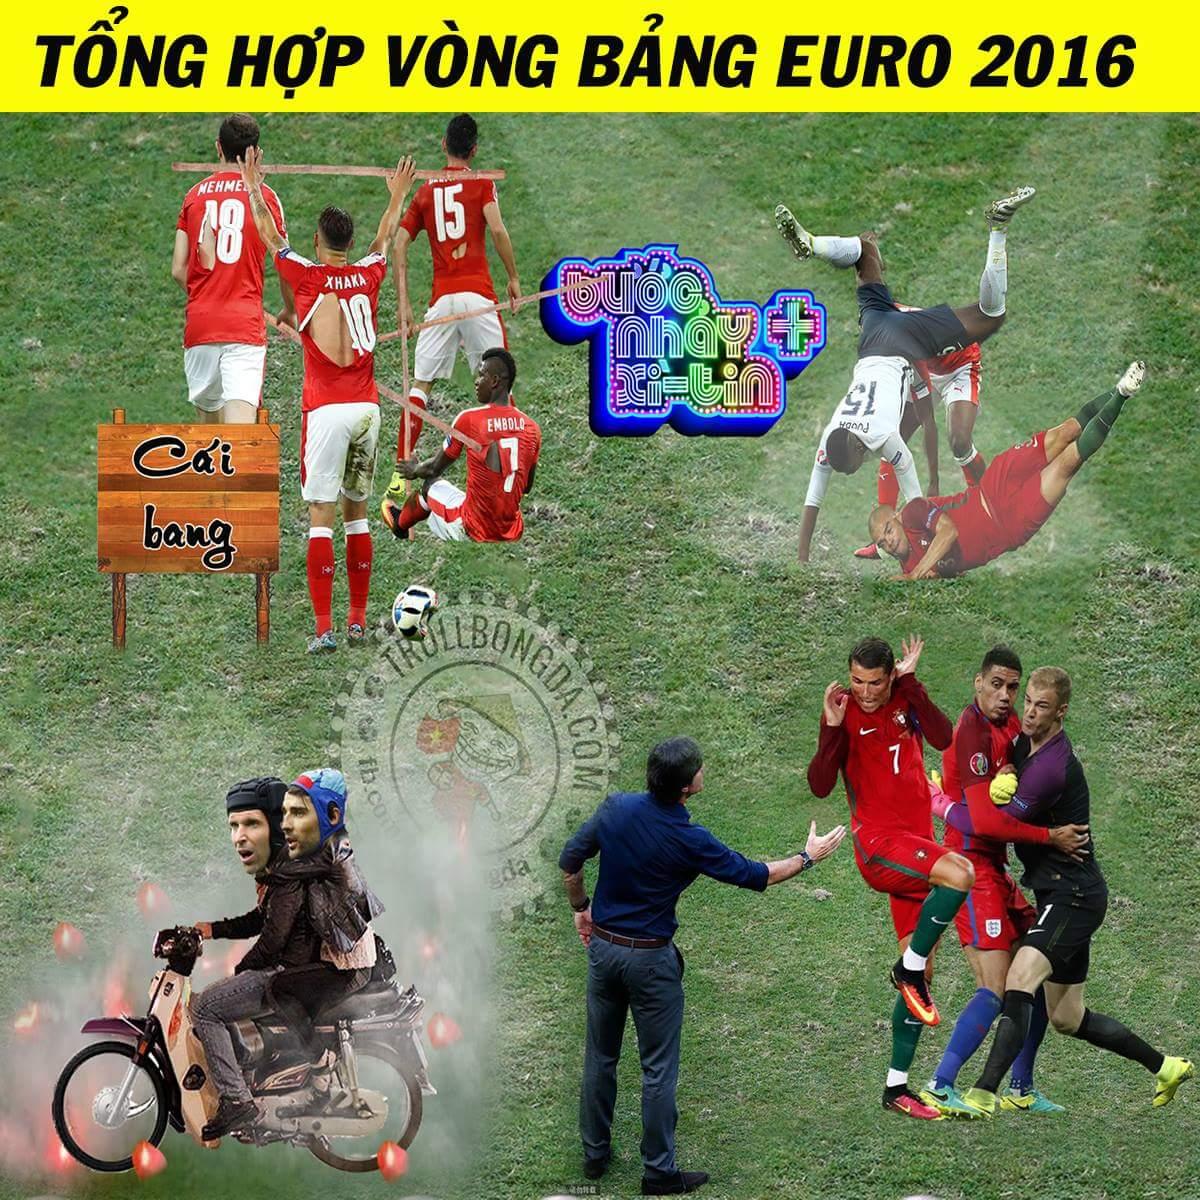 Những khoảnh khắc bá đạo nhất vòng bảng Euro 2016. :v Còn gì nữa không nhỉ? :)) ...